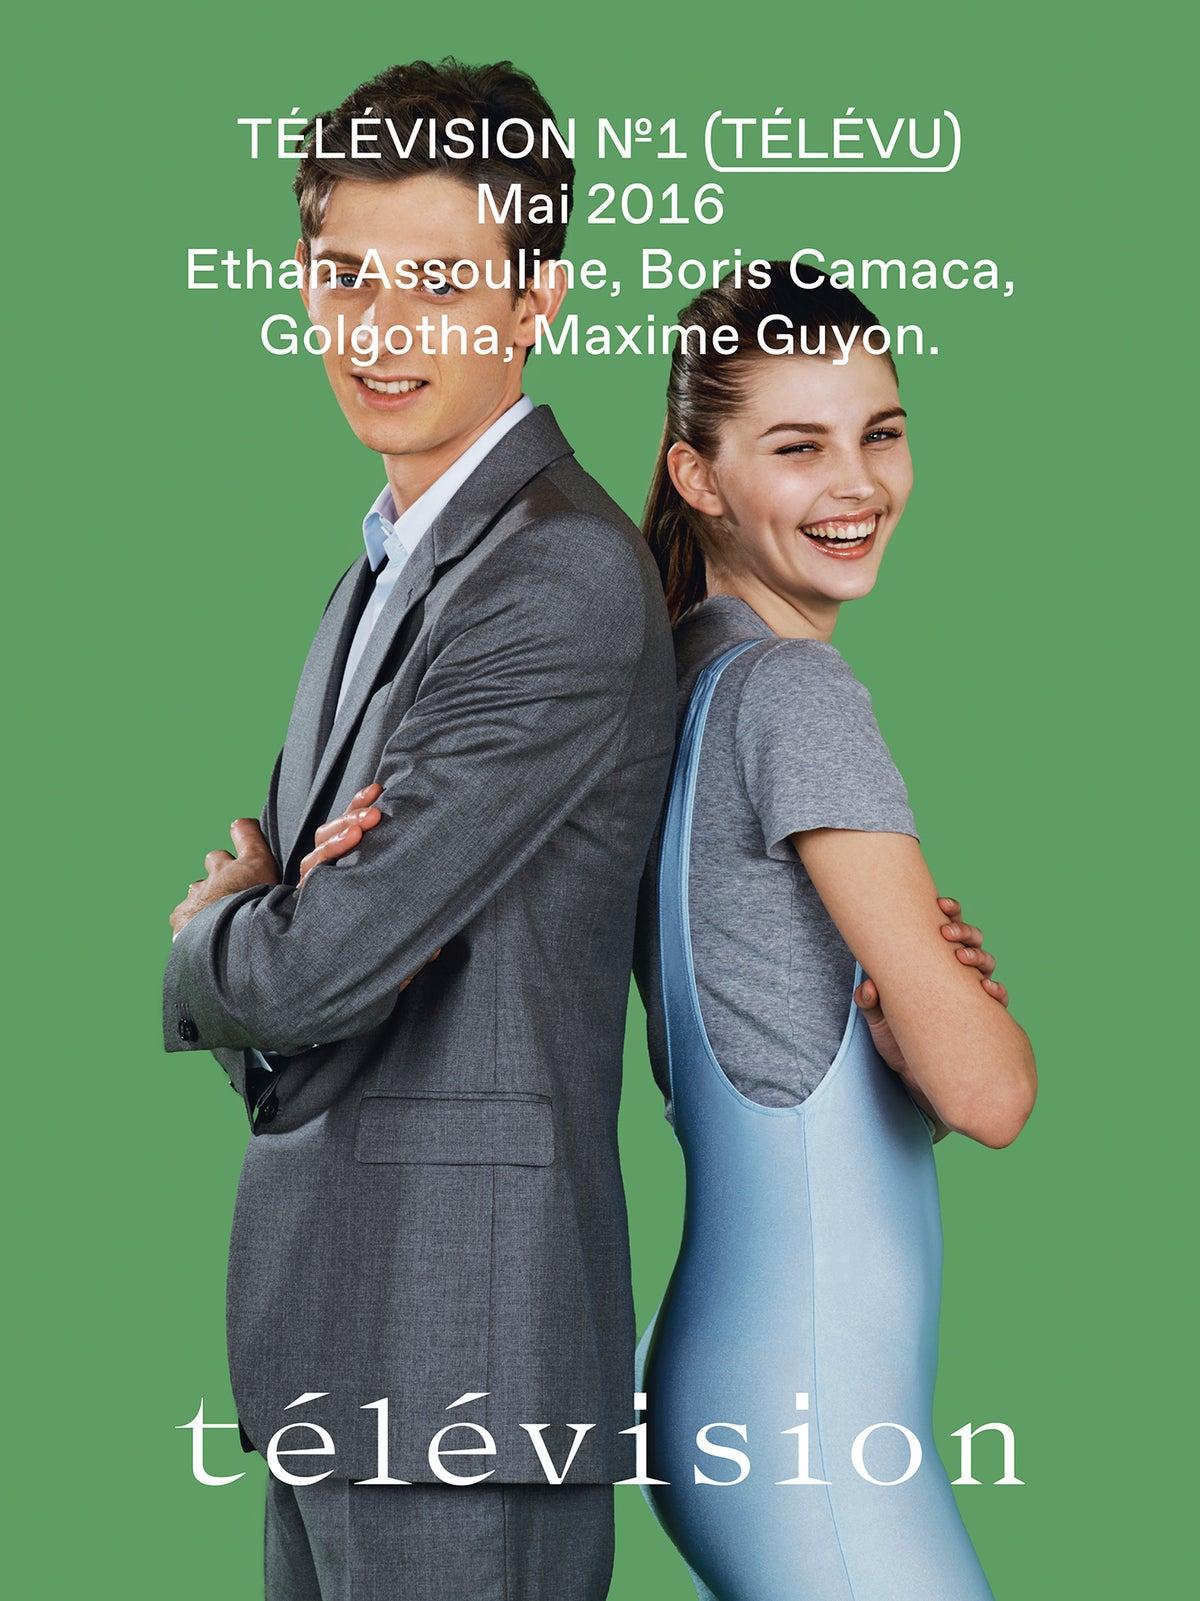 Image of Télévision N°1